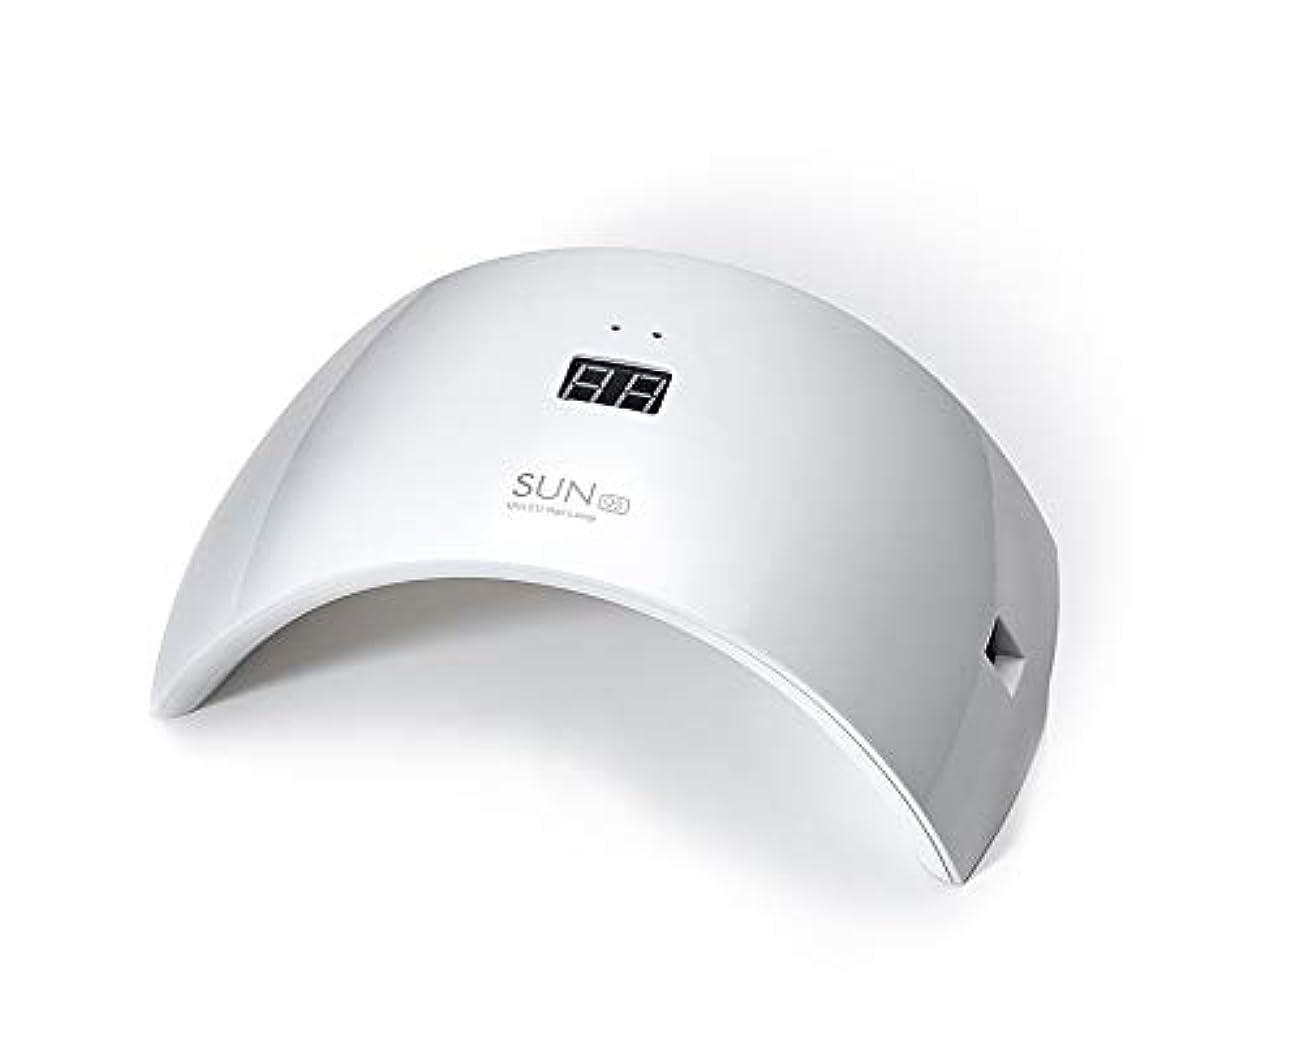 スケッチ混乱アーティストネイルドライヤー UV LEDネイルライト 24W ハイパワー 硬化用UVライト 赤外線検知 ジェルネイルライト 人感センサー タイマー付き ネイルランプ 速乾LEDダブルライト 母の日ギフト